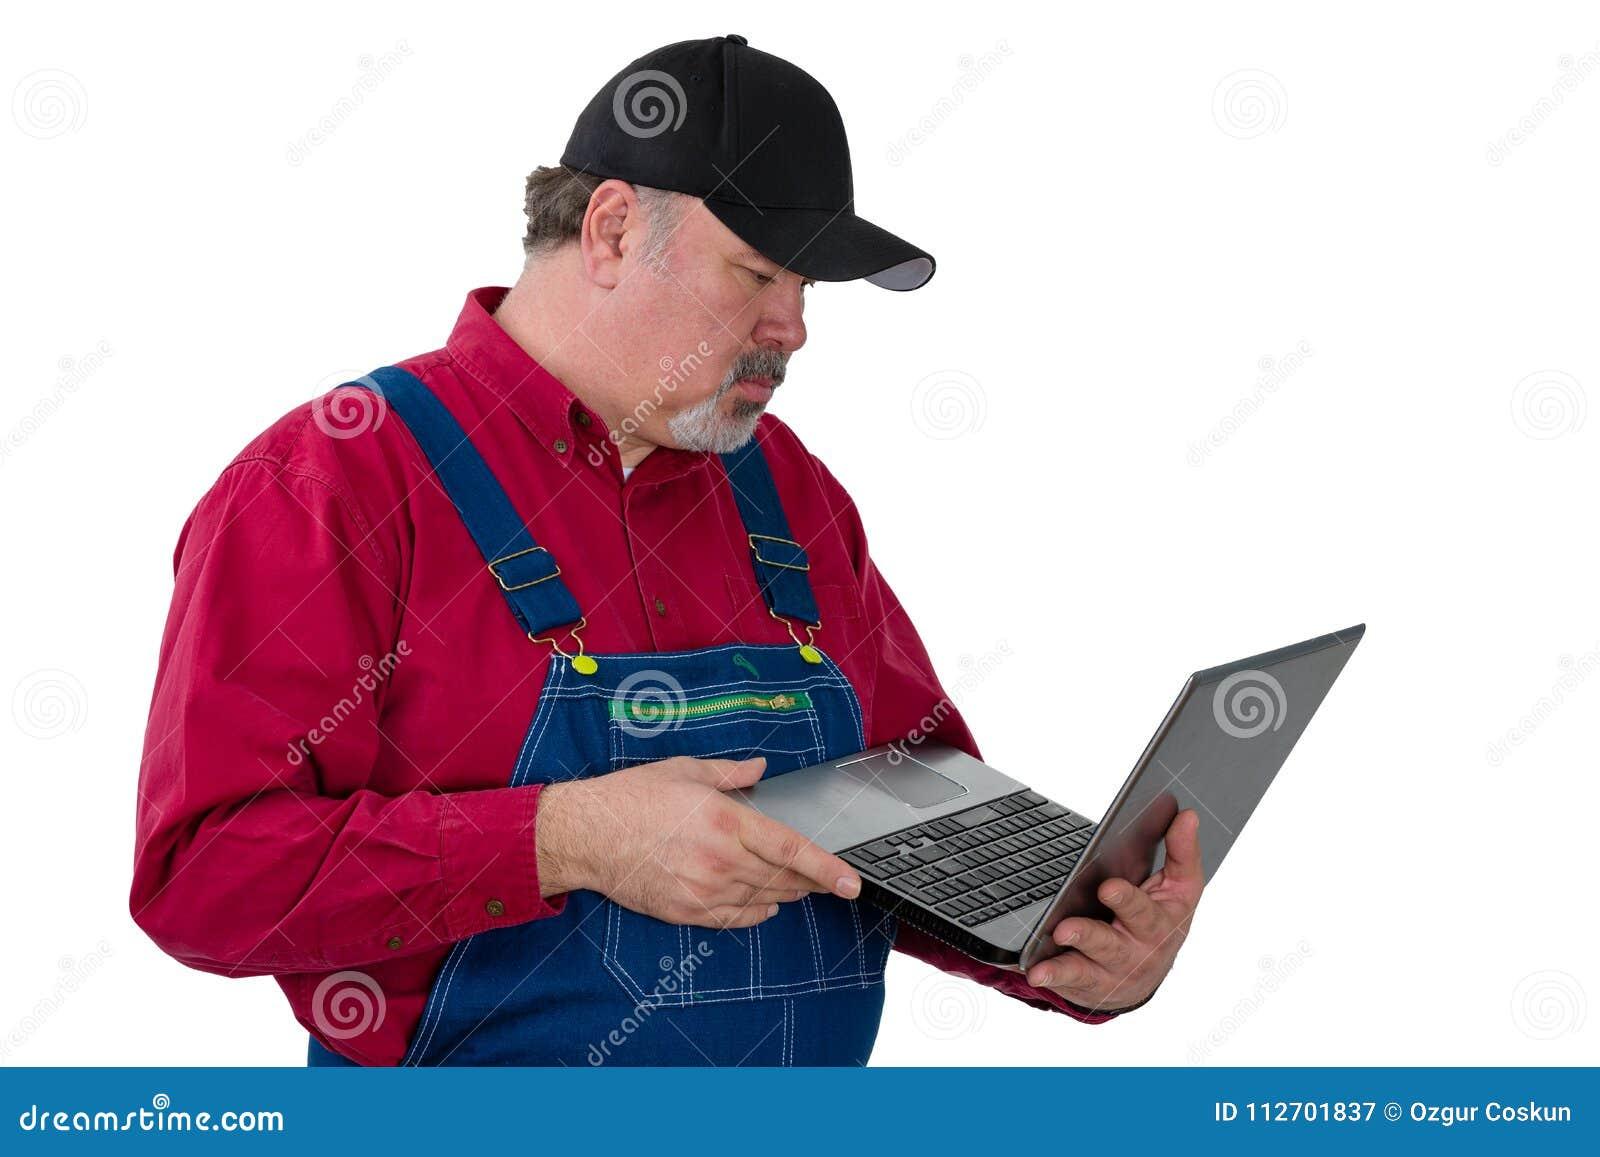 Man wearing dungarees holding laptop